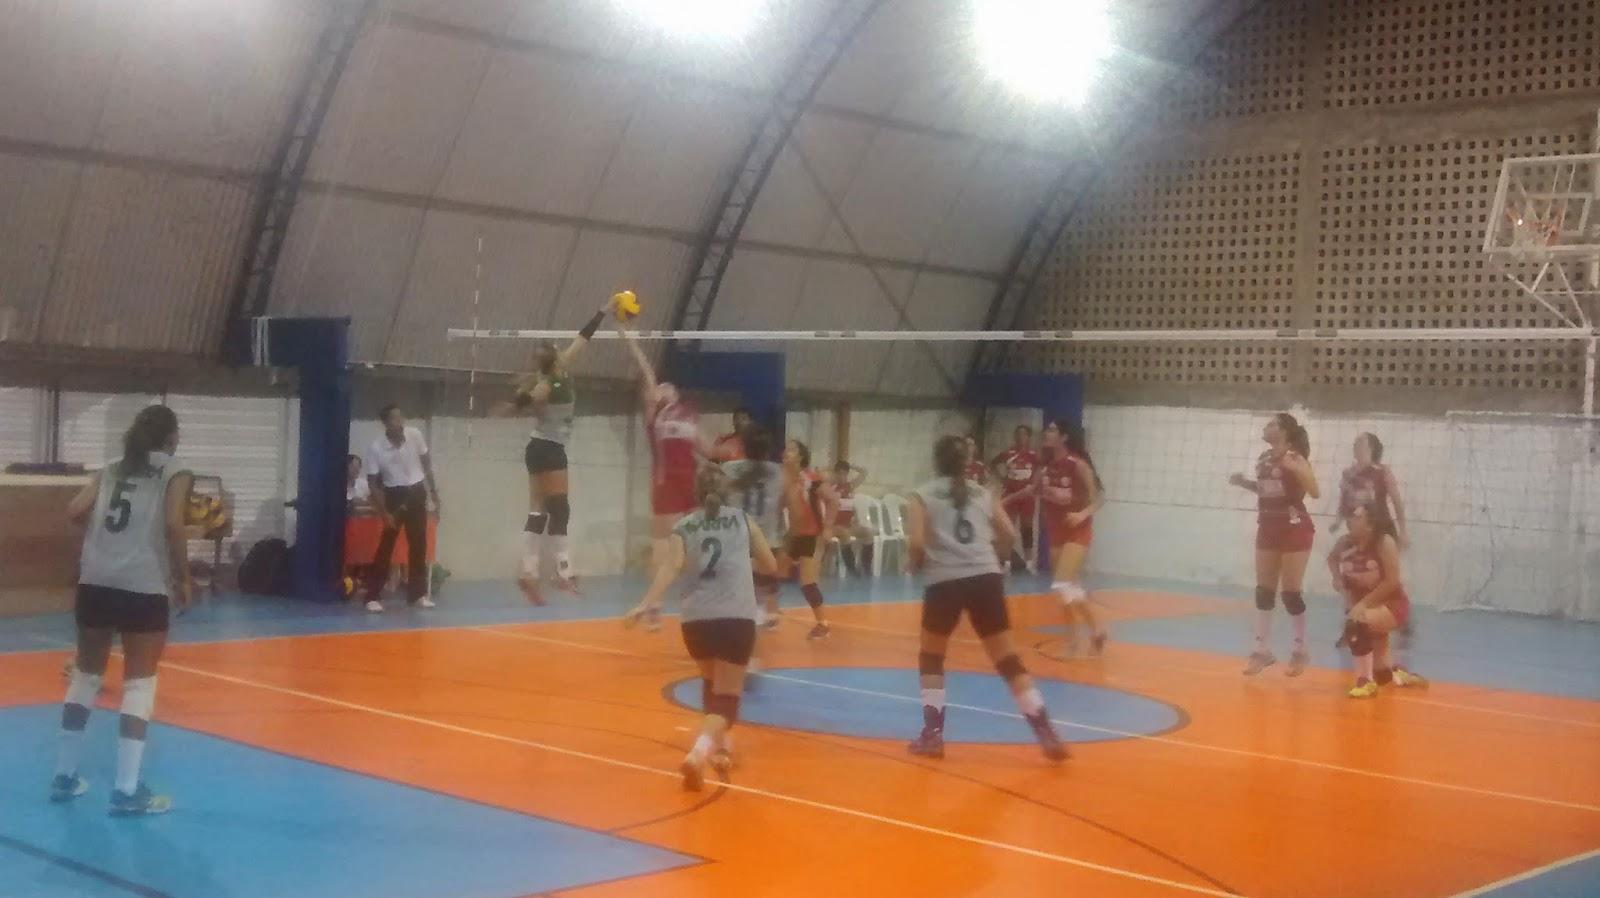 América vence e garante vaga na semi-final da Copa Cidade do Recife de Vôlei Feminino